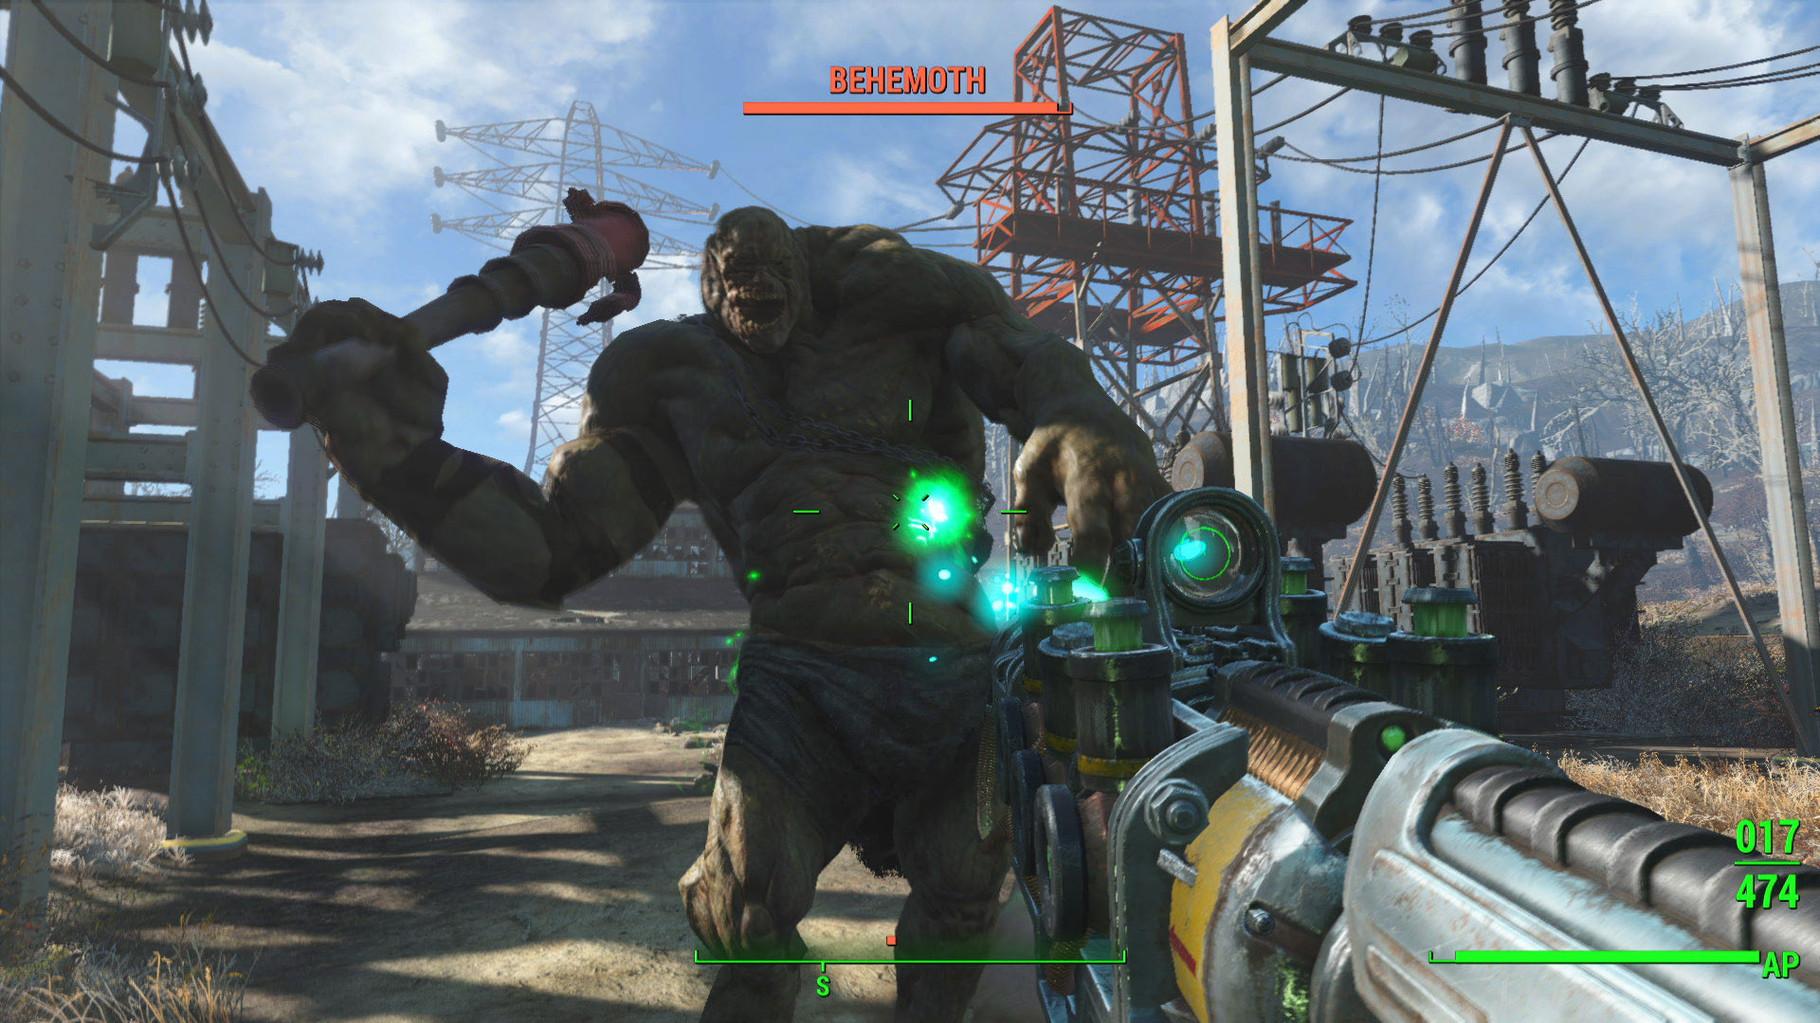 Fallout 4: Auf der E3 überzeugte das After-the-Bomb-RPG mit so vielen Details, futuristischen Crafting-Optionen und einer derart gigantischen Spielwelt, dass dem Publikum für Grafik-Debatten gar nicht mehr genug Atem blieb. Fantastisch.